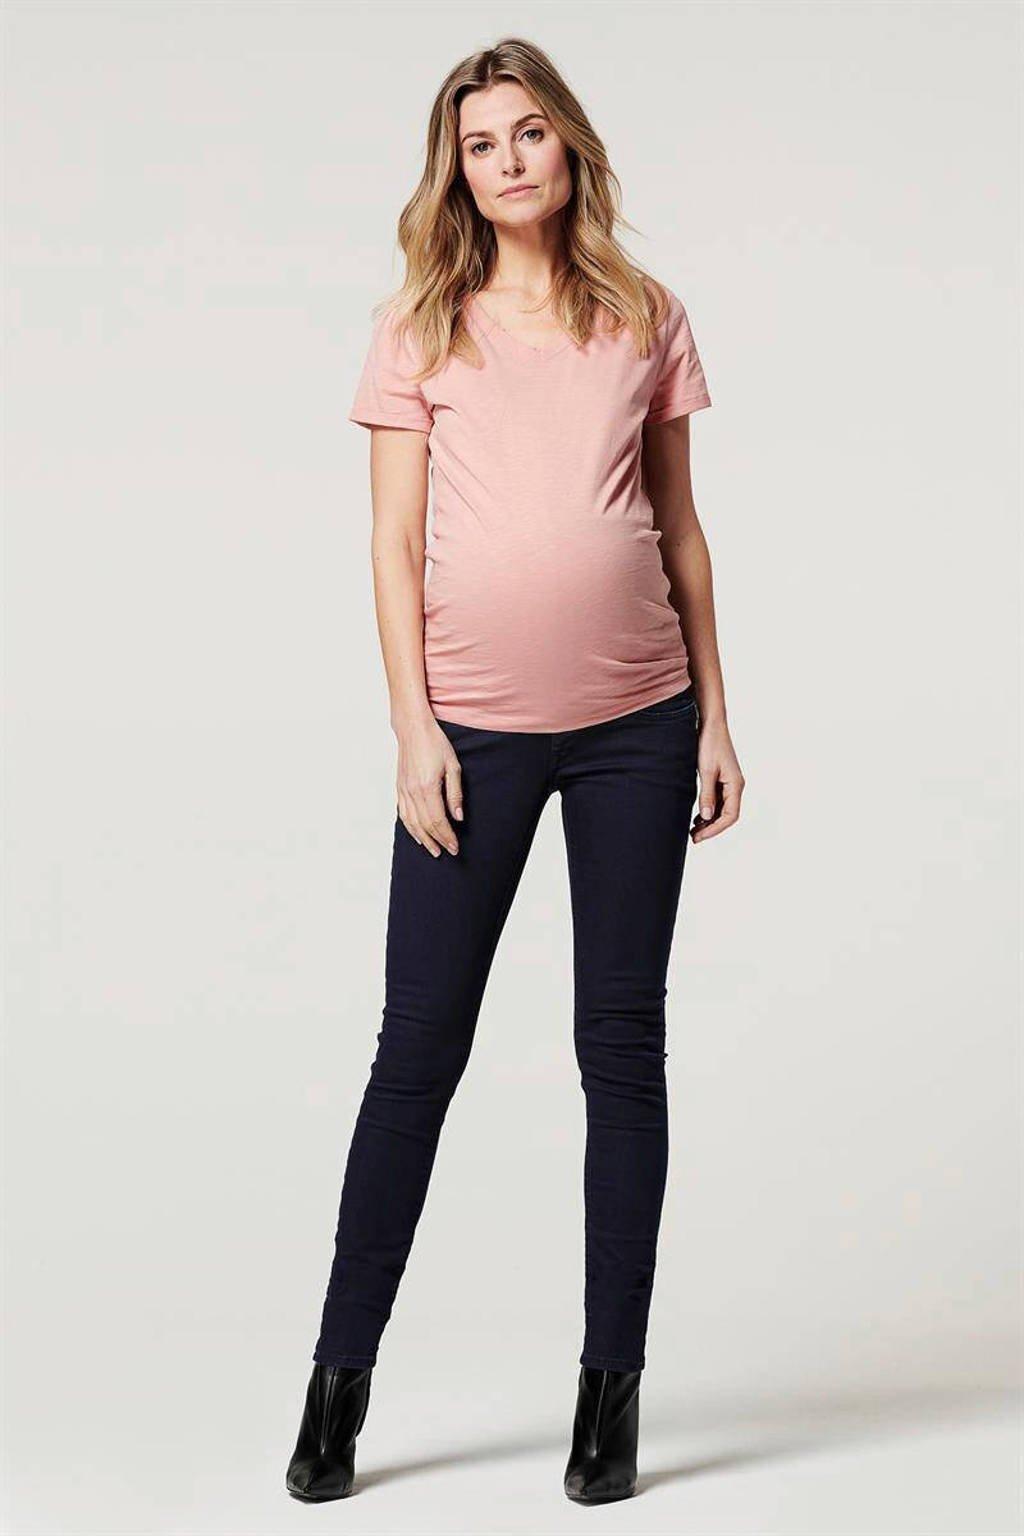 Noppies low waist skinny zwangerschapsjeans Avi dark denim, 32